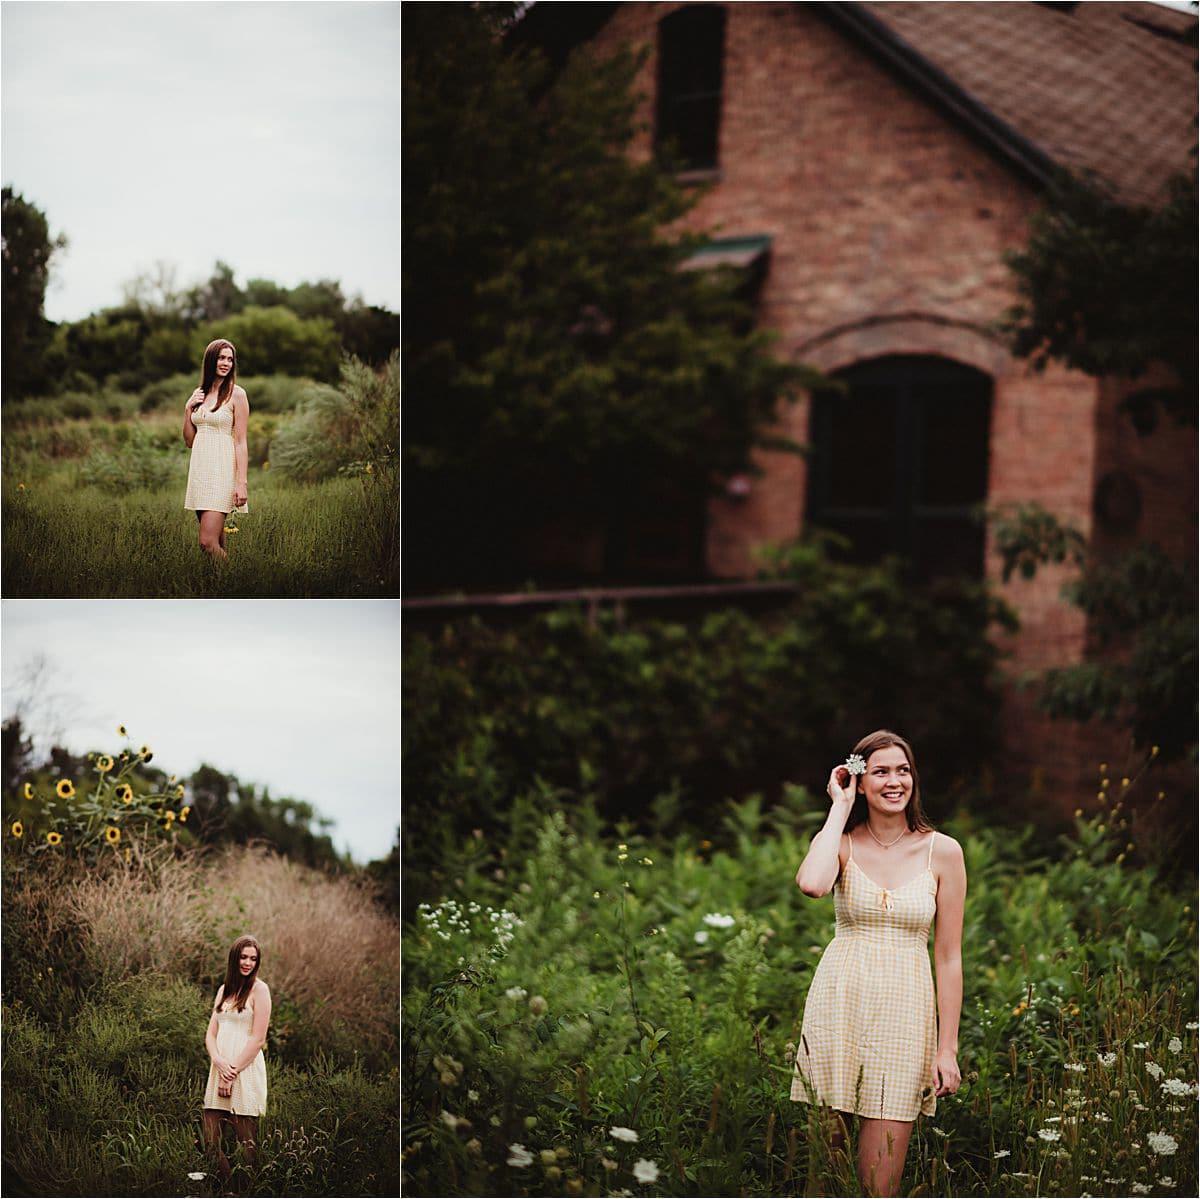 Girl in White Dress Outside